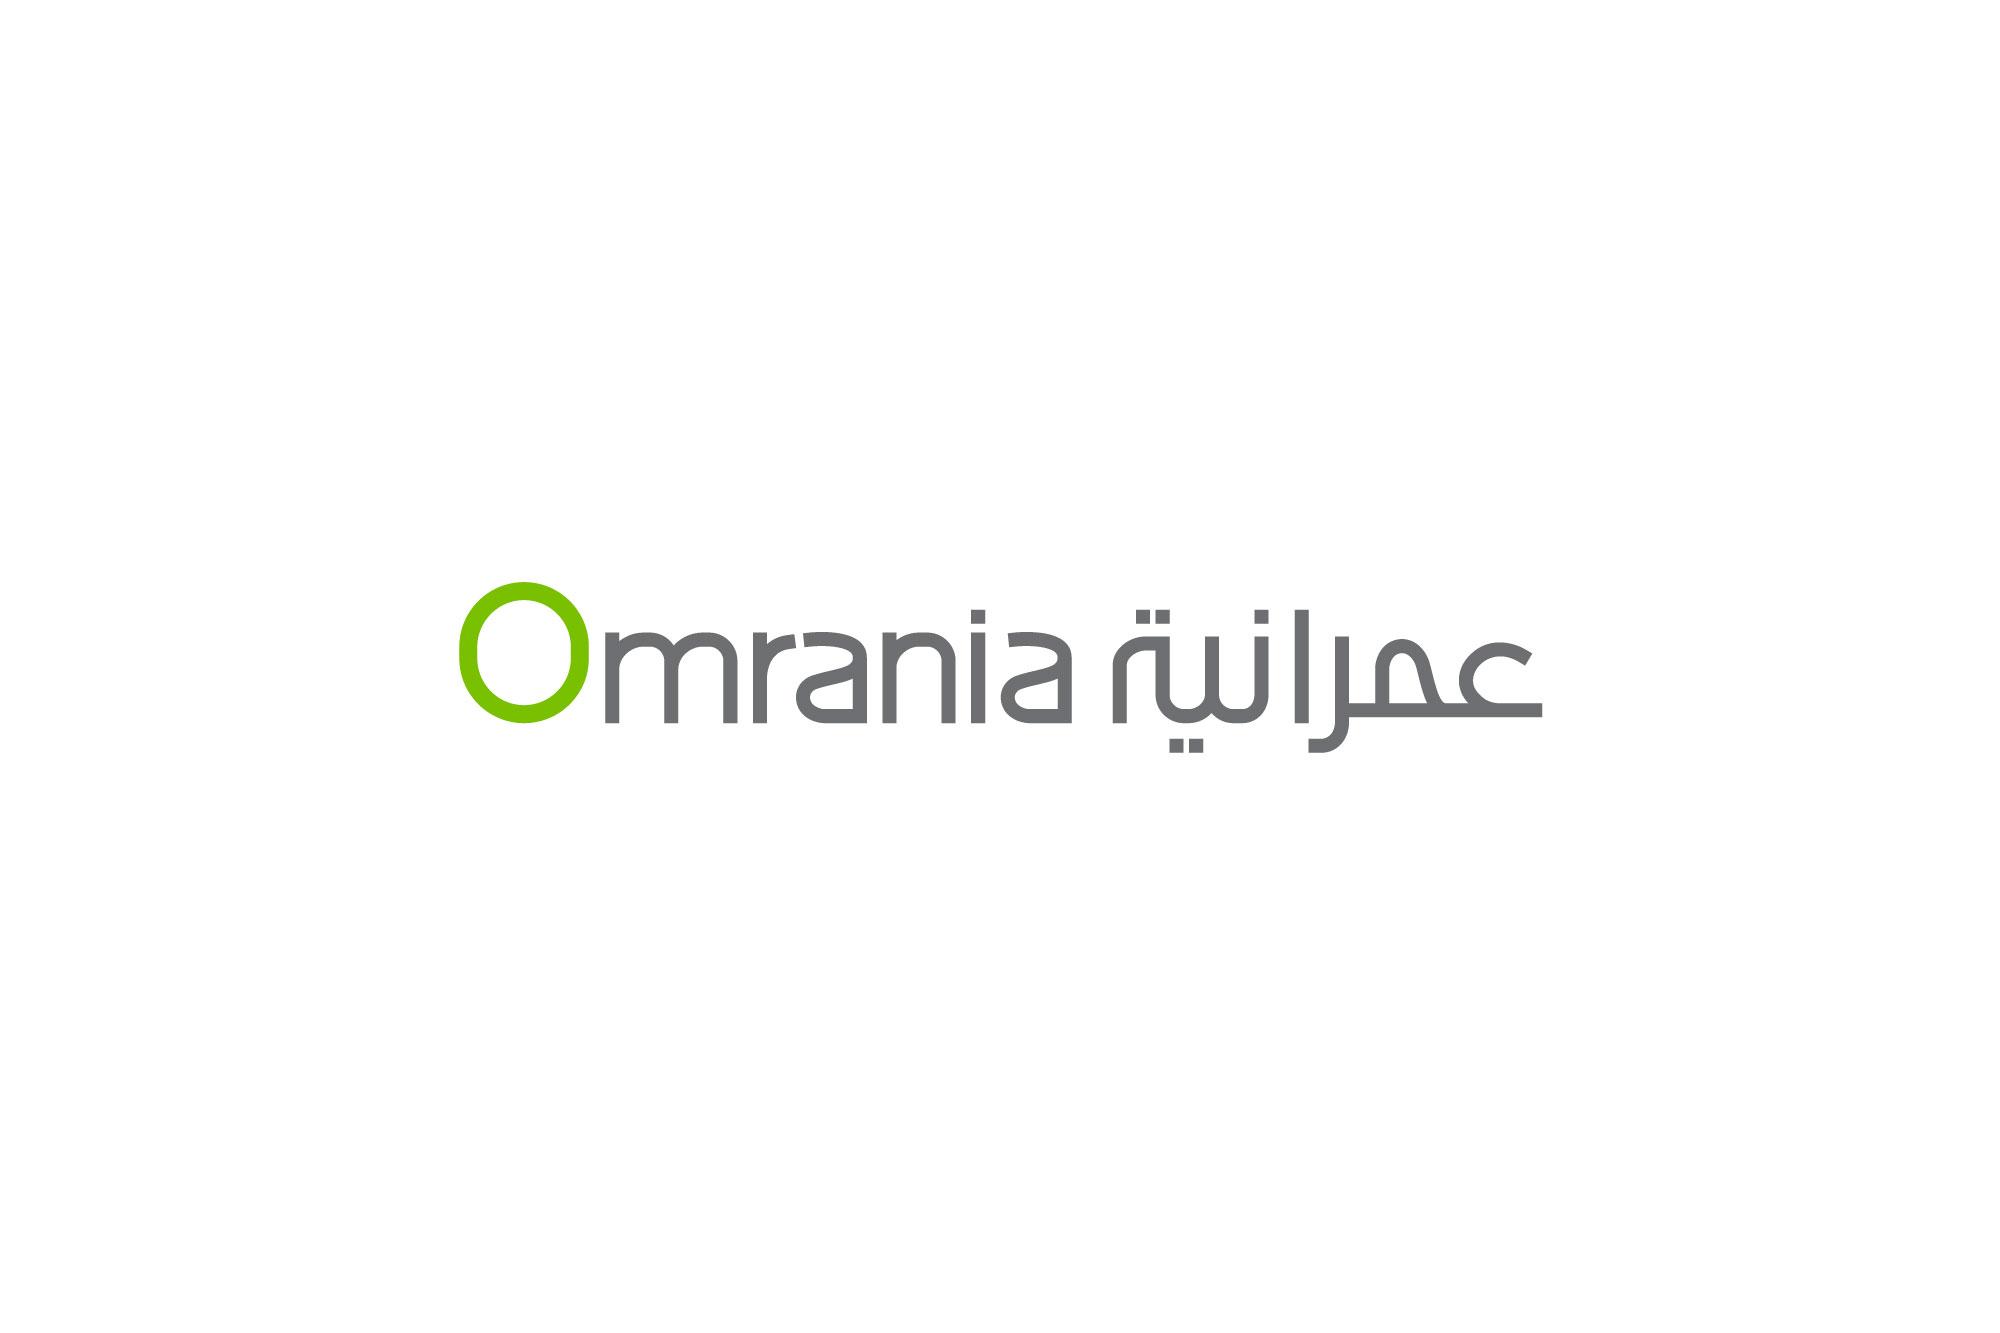 Omrania-logo-old